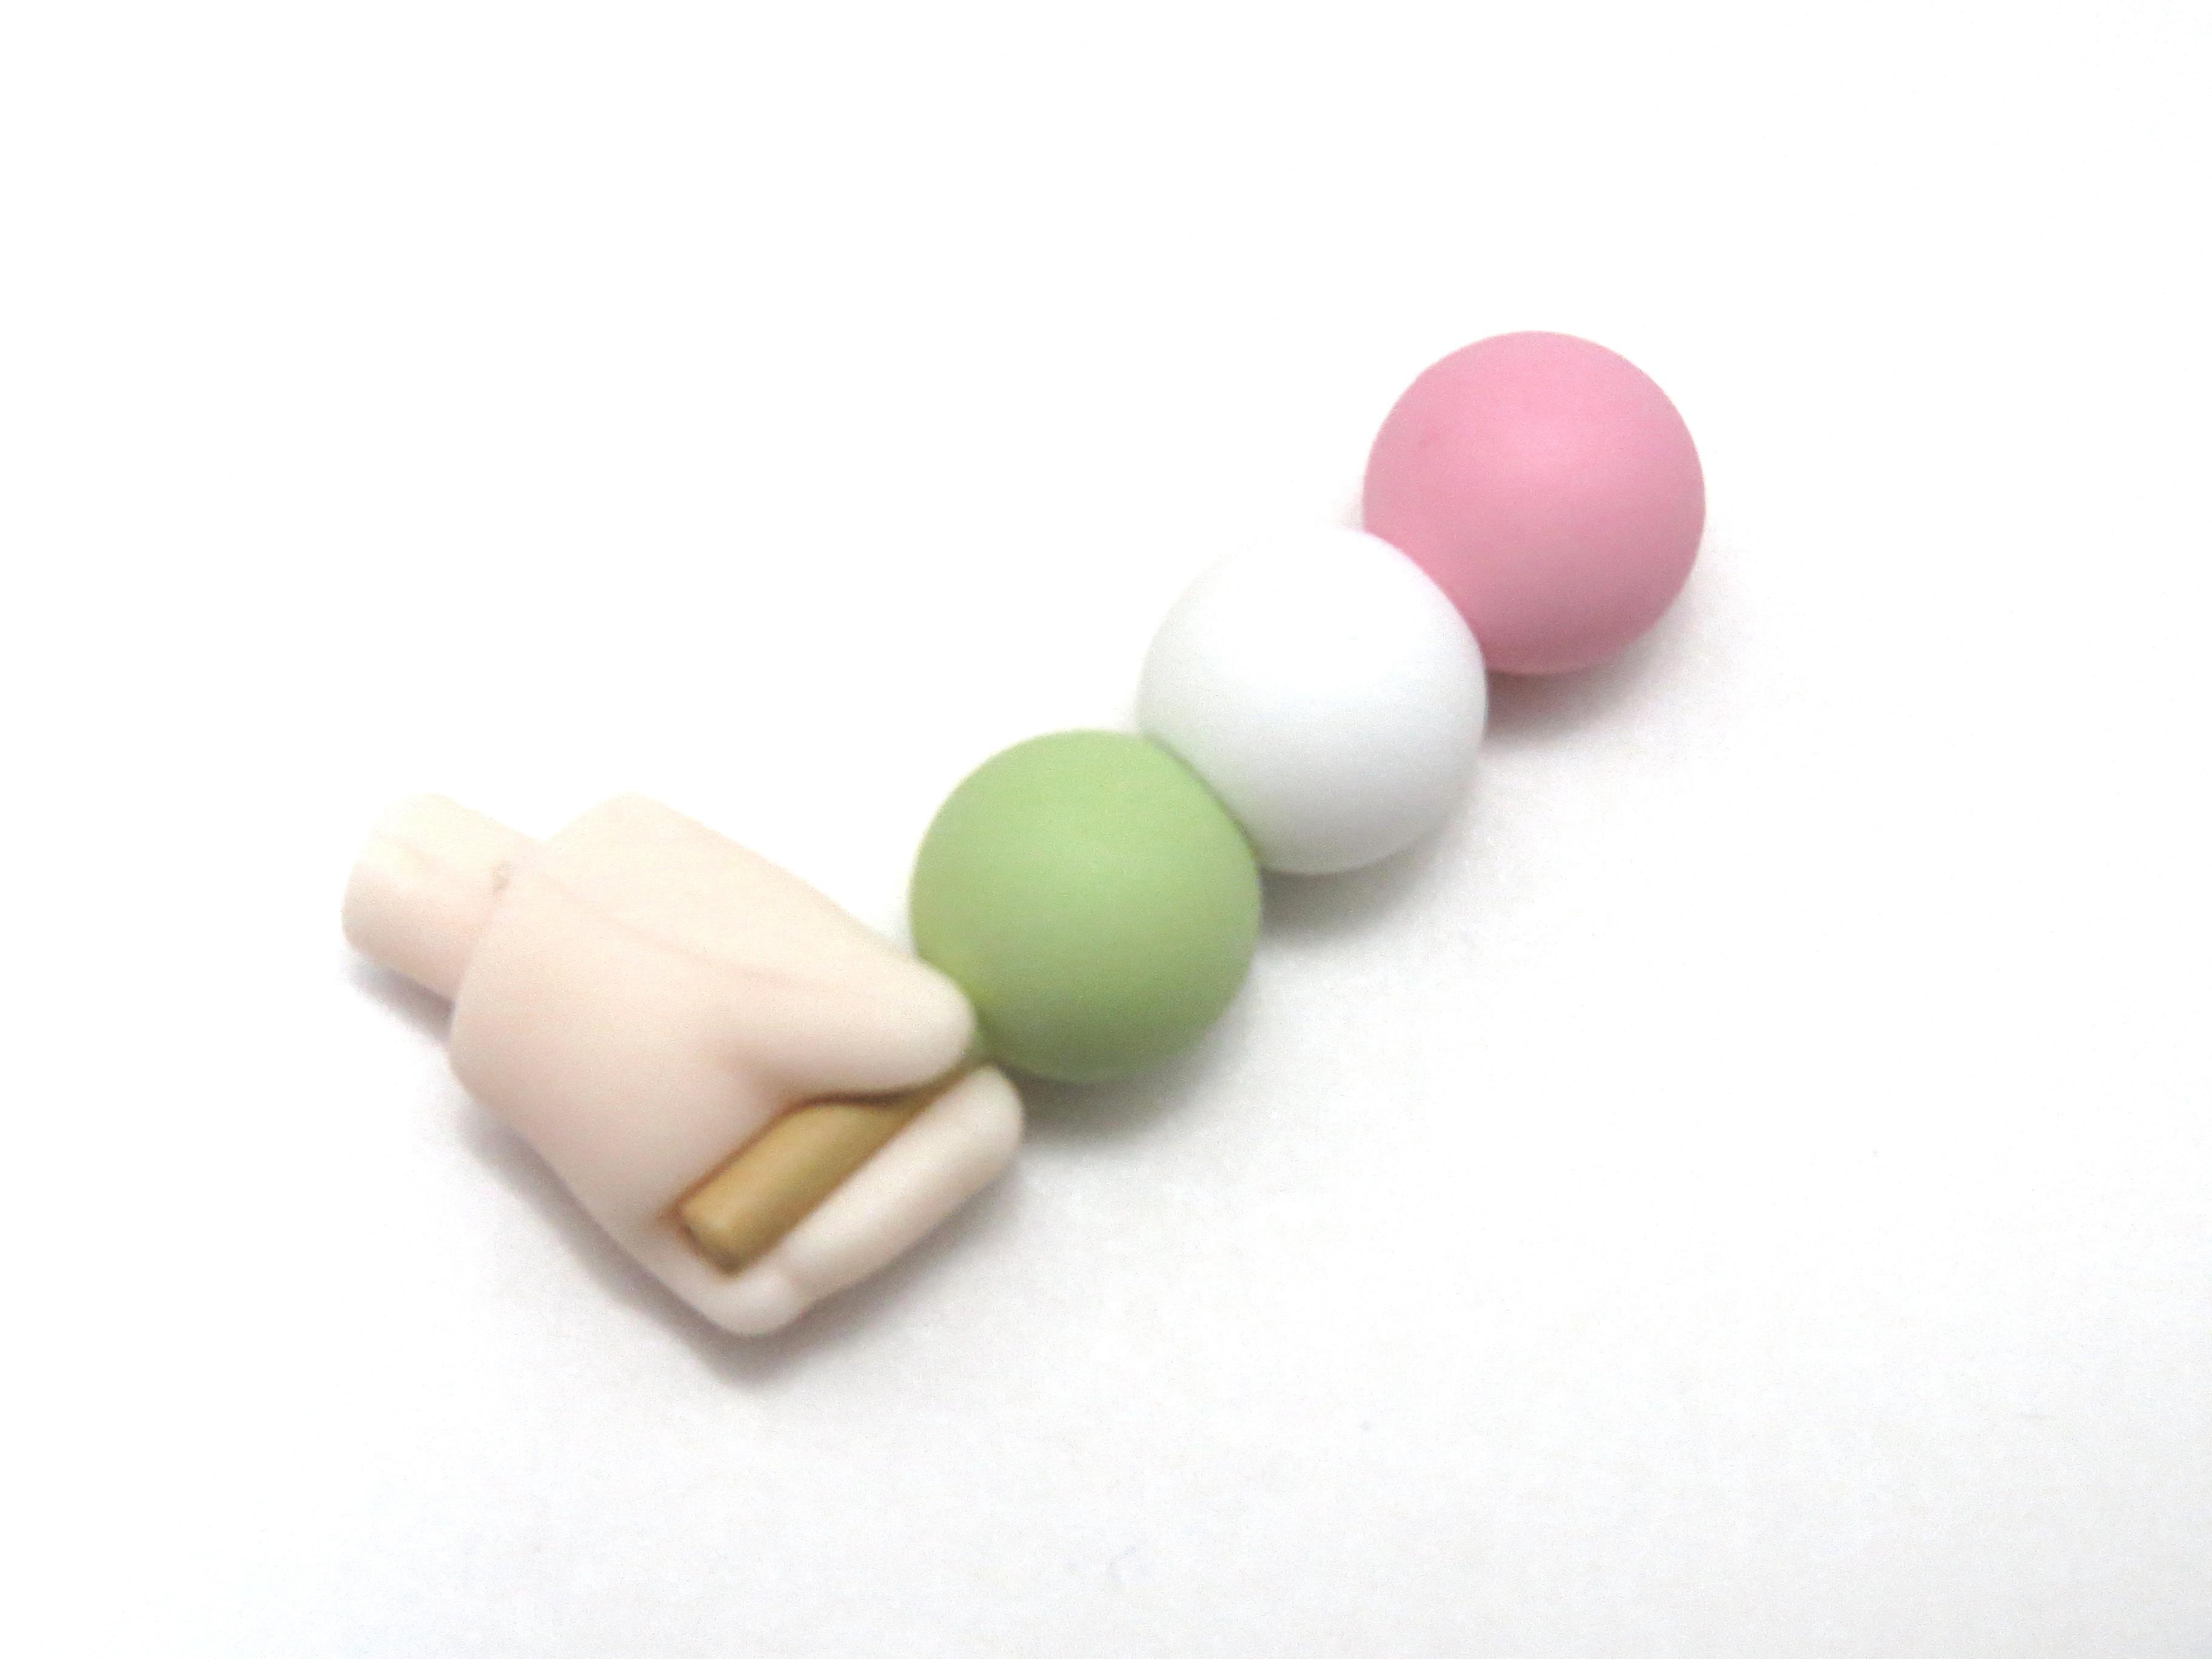 再入荷【500】 桜ミク Bloomed in Japan 小物パーツ 三色団子 ねんどろいど